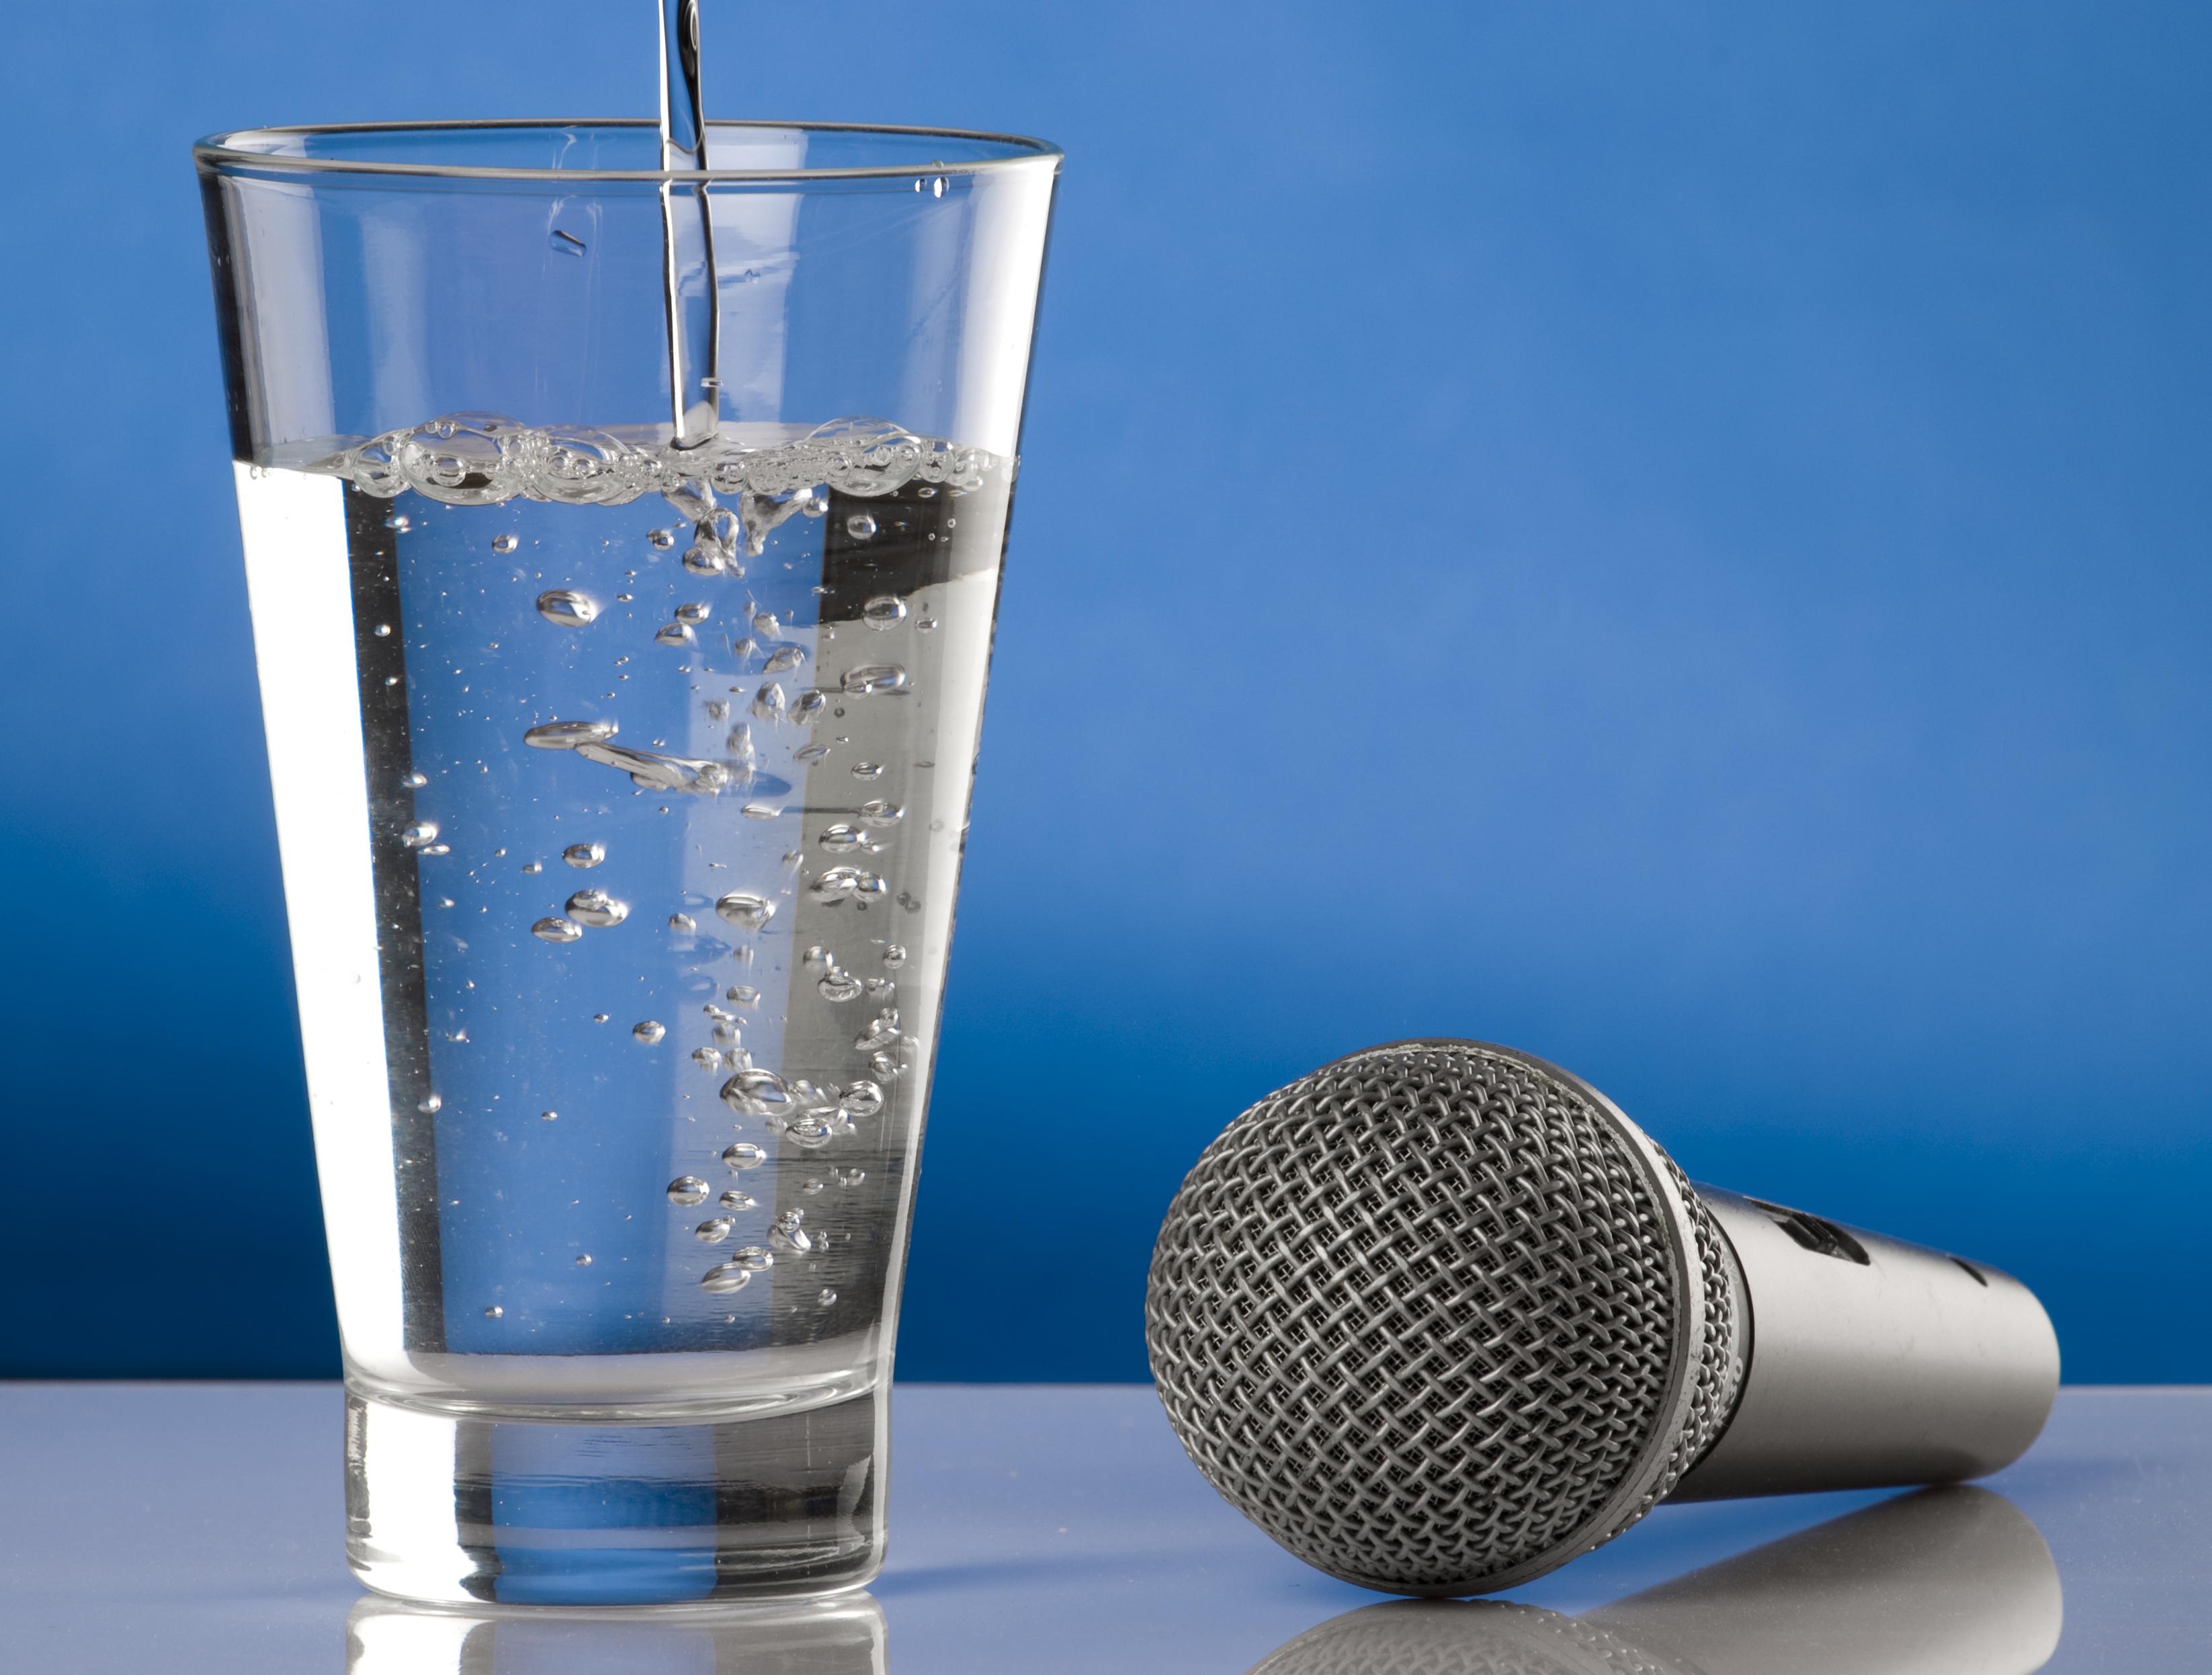 Üvegpohárba készítsd ki az előadásra szánt vizedet.